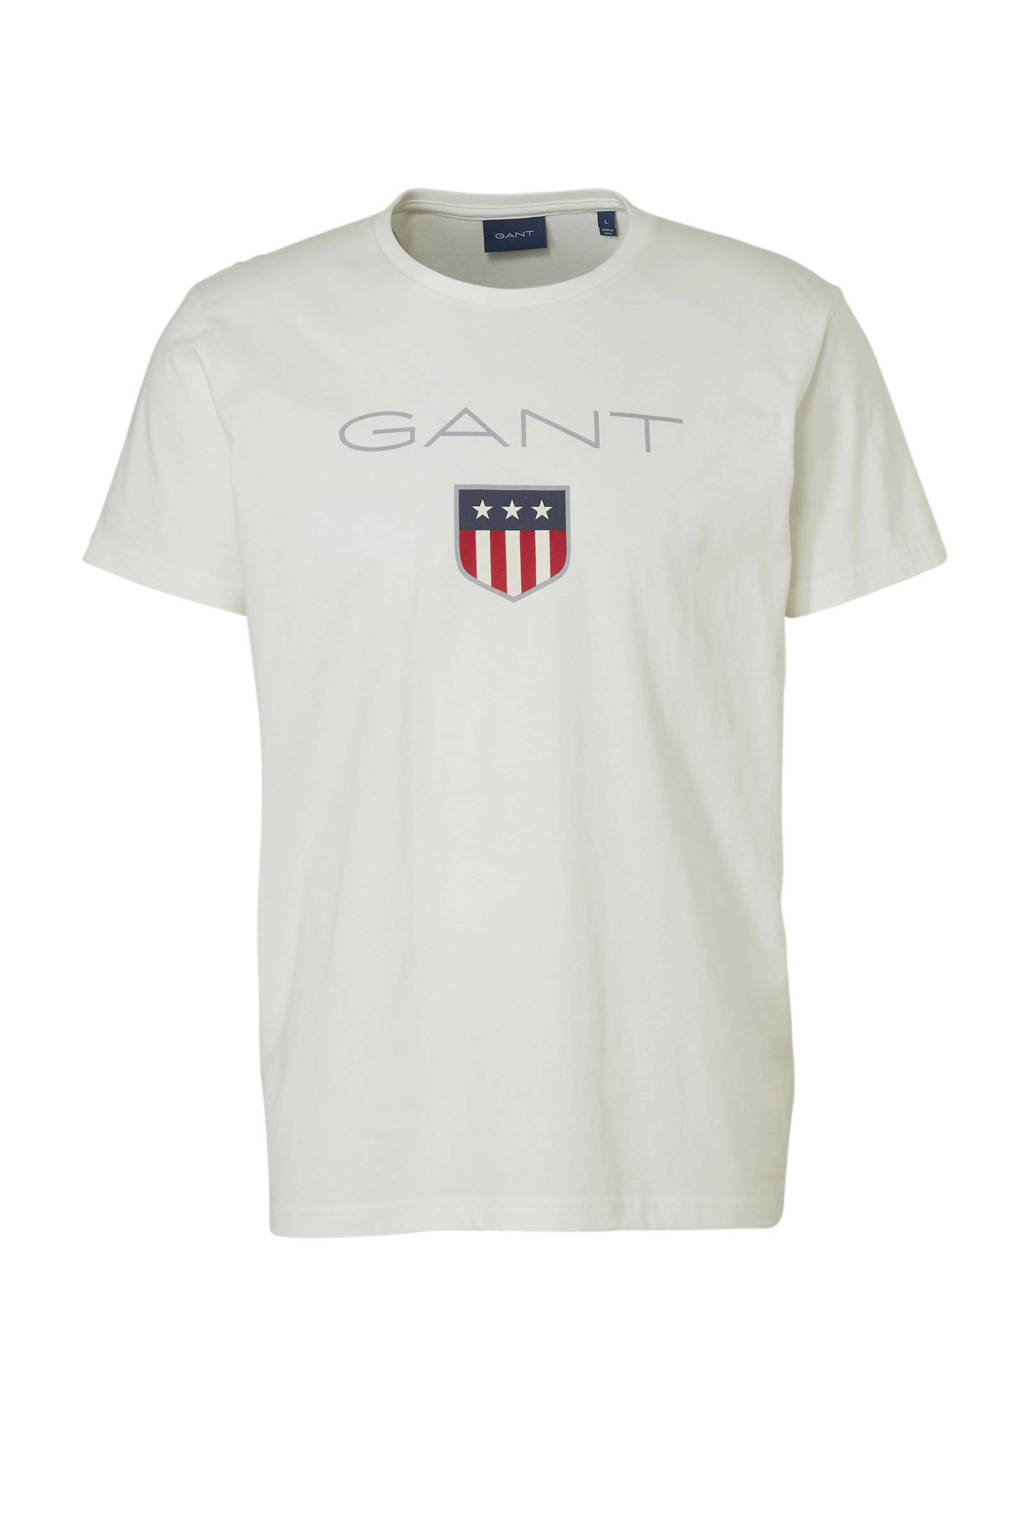 GANT T-shirt met logo, Wit